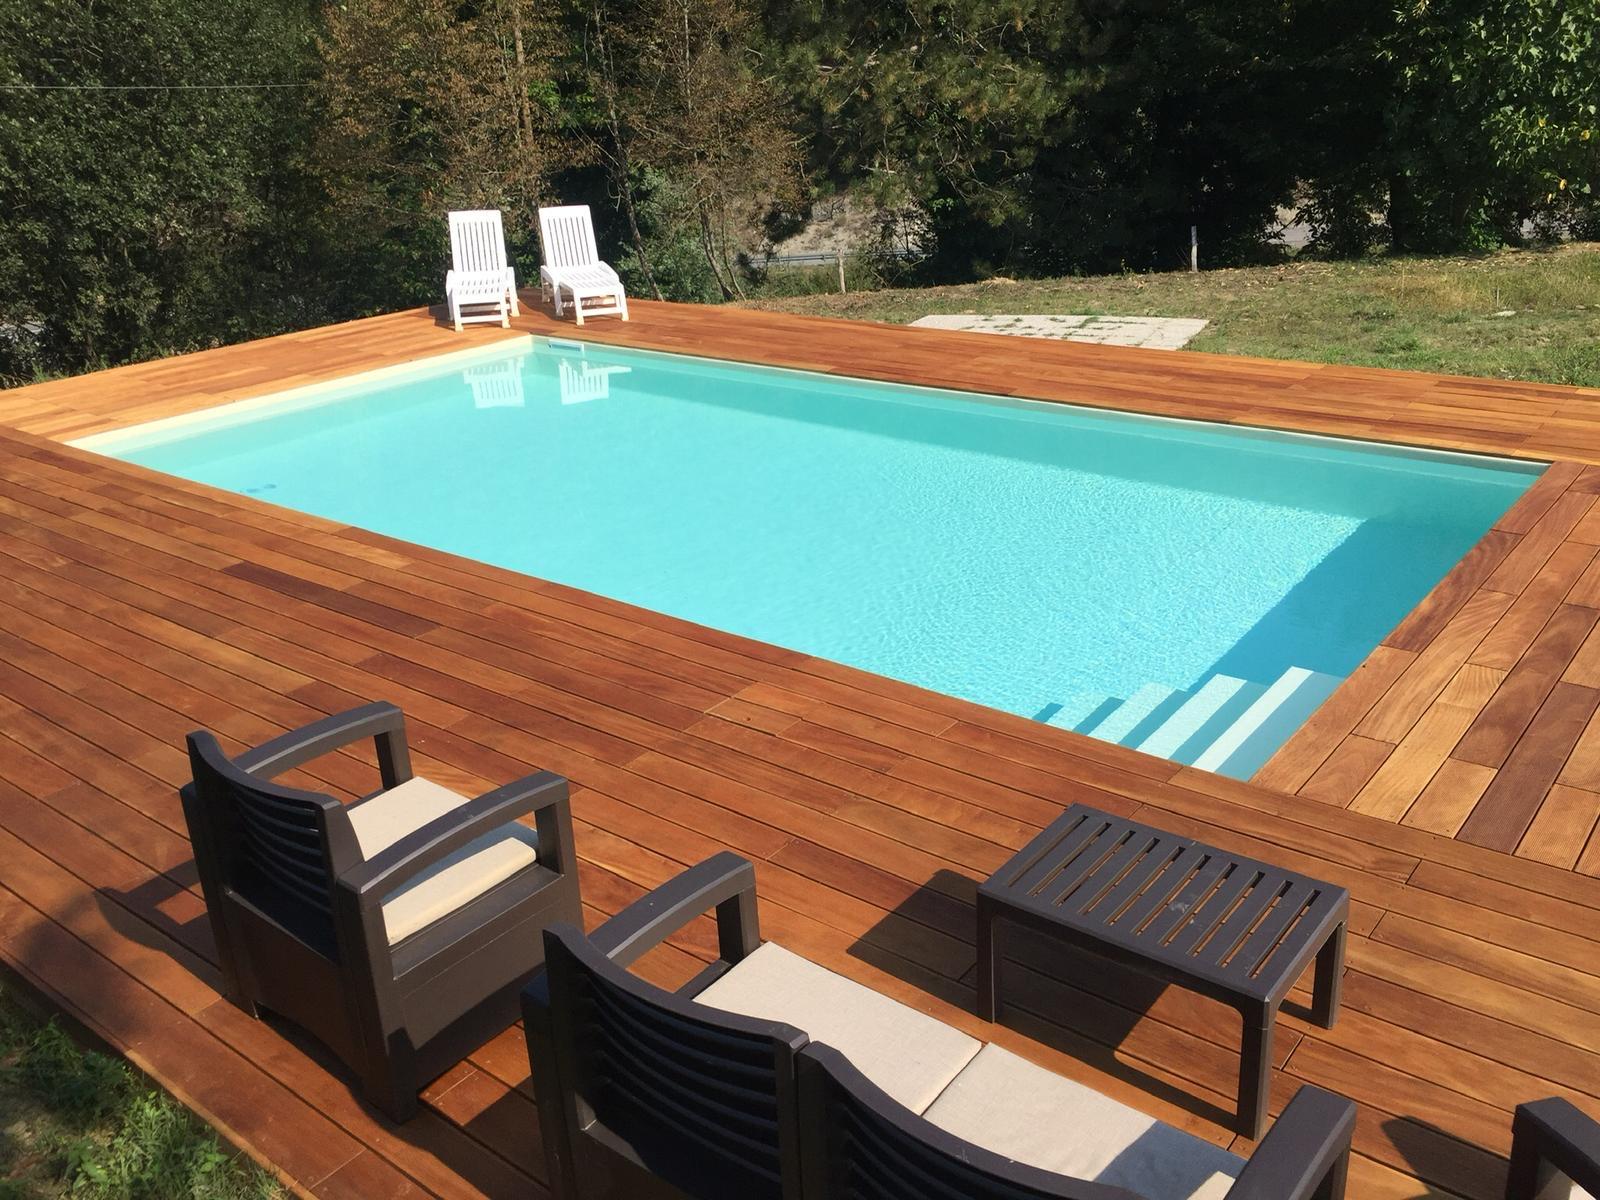 La piscina fuori terra può essere più duratura di una interrata?